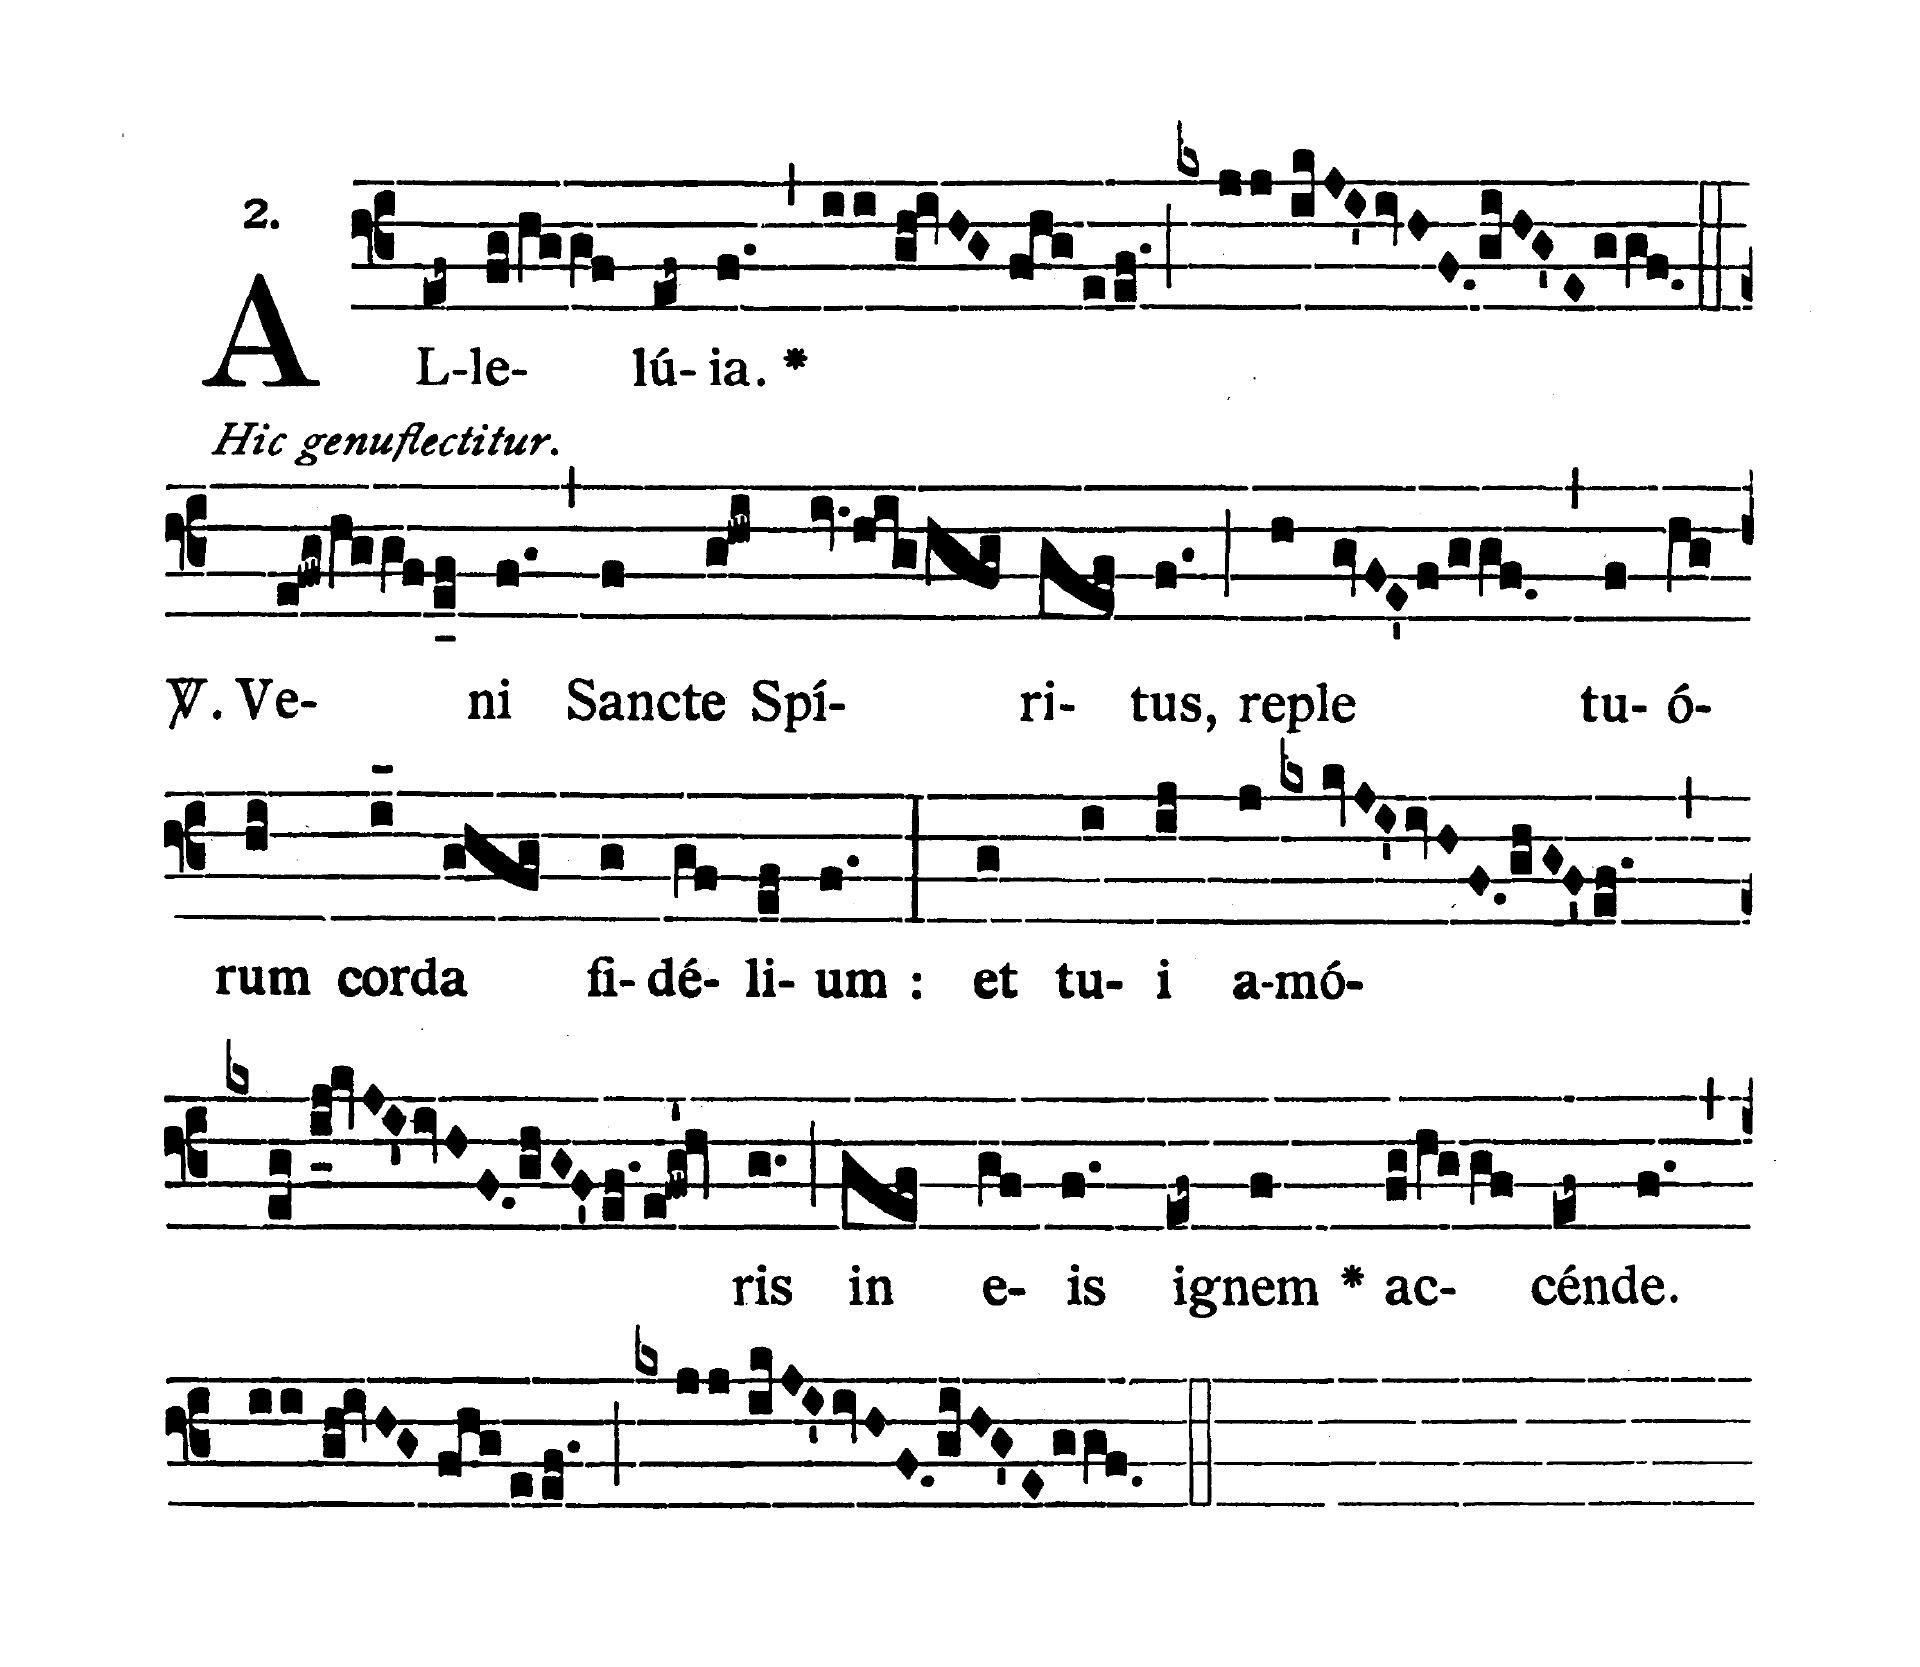 Feria quarta infra Octavam Pentecostes (Środa w oktawie Zesłania Ducha Świętego) - Alleluia secunda (Veni Sancte Spiritus)